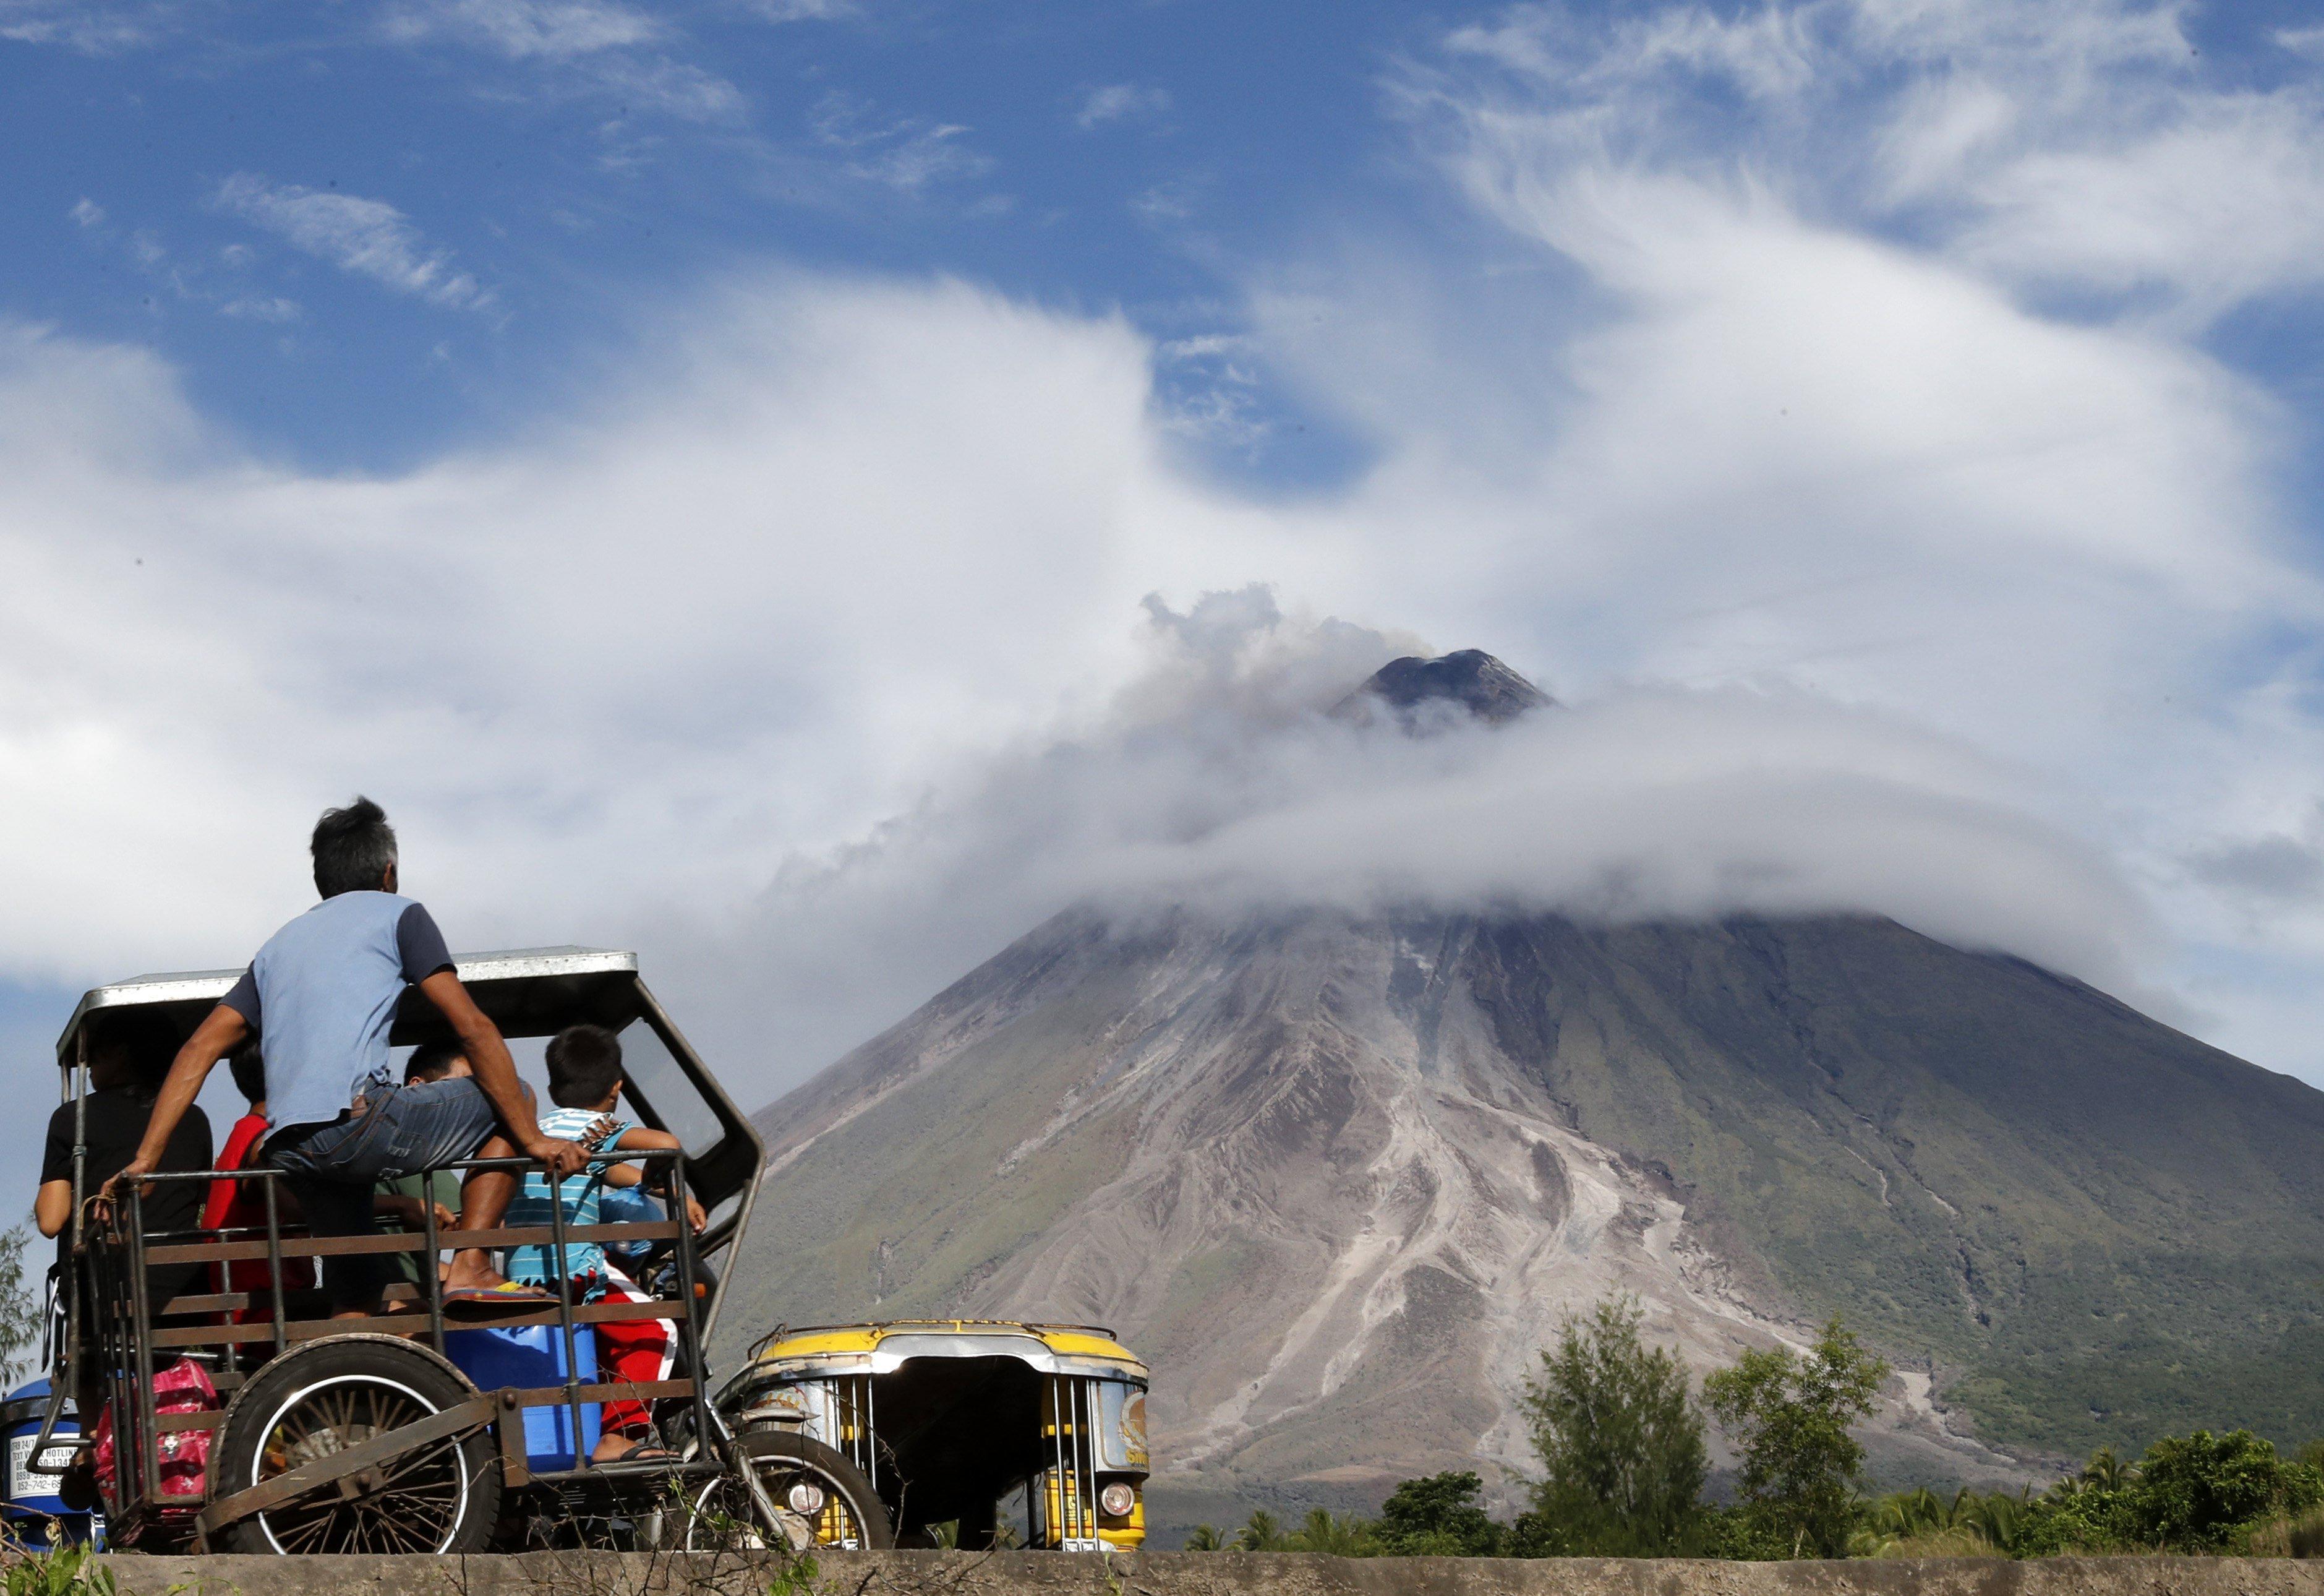 Erupció del volcà Mayon a la província d'Albay, a Filipines. /FRANCIS R. MALASIG